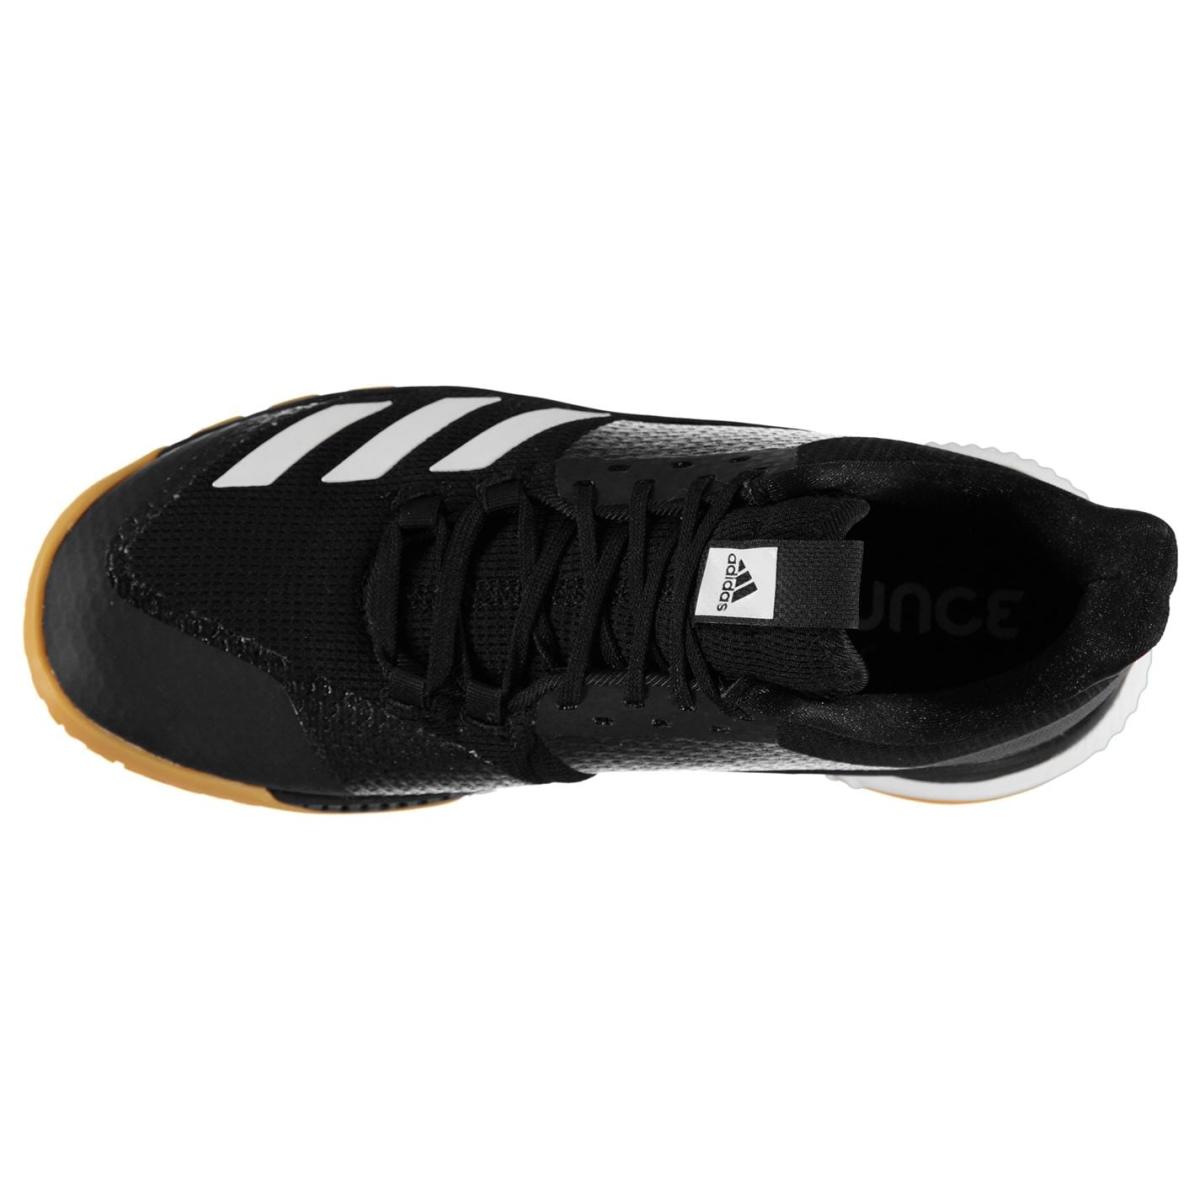 adidas-Crazyflight-Bounce-3-Turnschuhe-Damen-Sneaker-Sportschuhe-Laufschuhe-0095 Indexbild 4